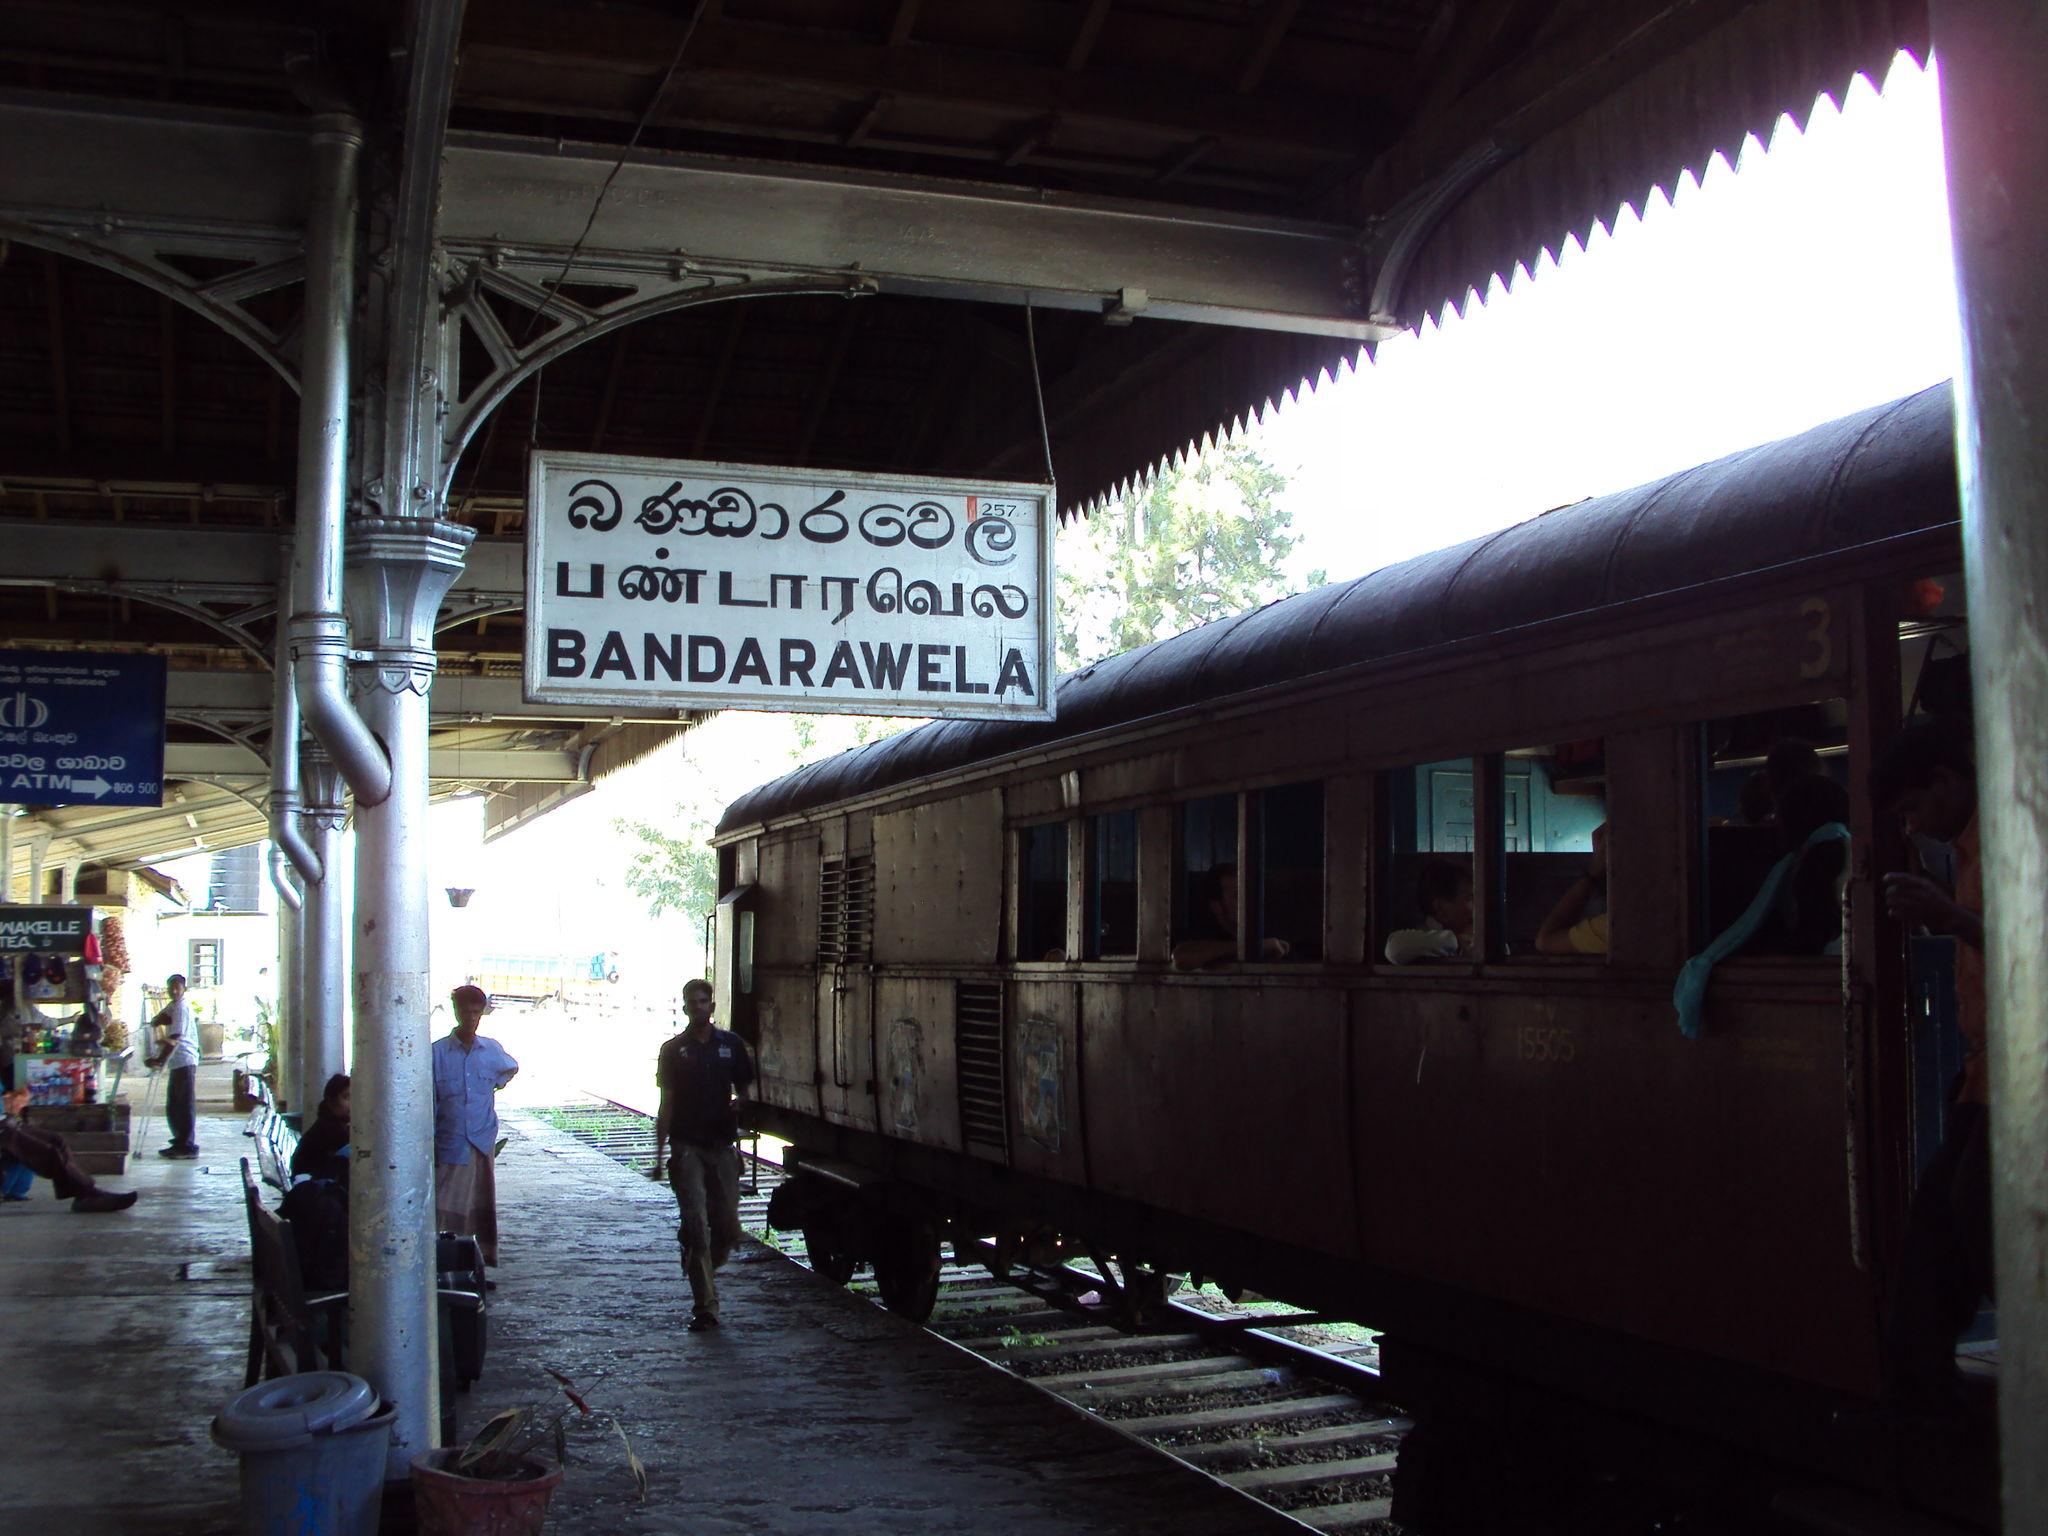 Bandarawela (Sri Lanka)